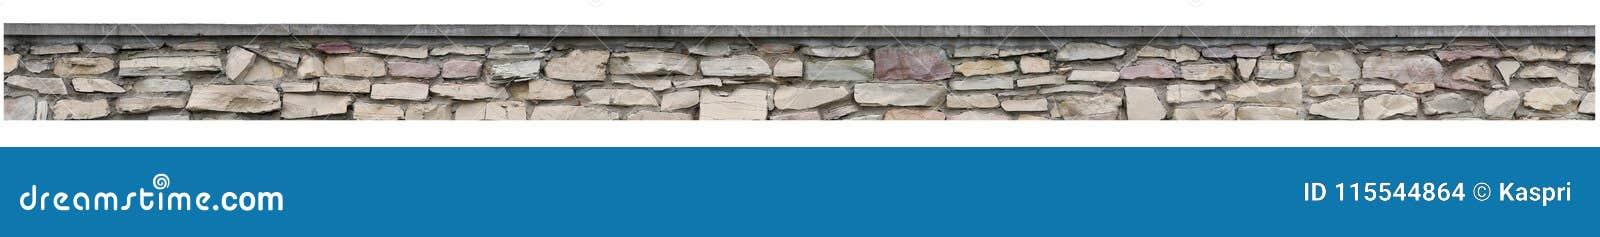 La cerca de piedra, pared de la roca del jardín, viejo panorama aislado de la pila del ladrillo, panorámico practica obstruccioni